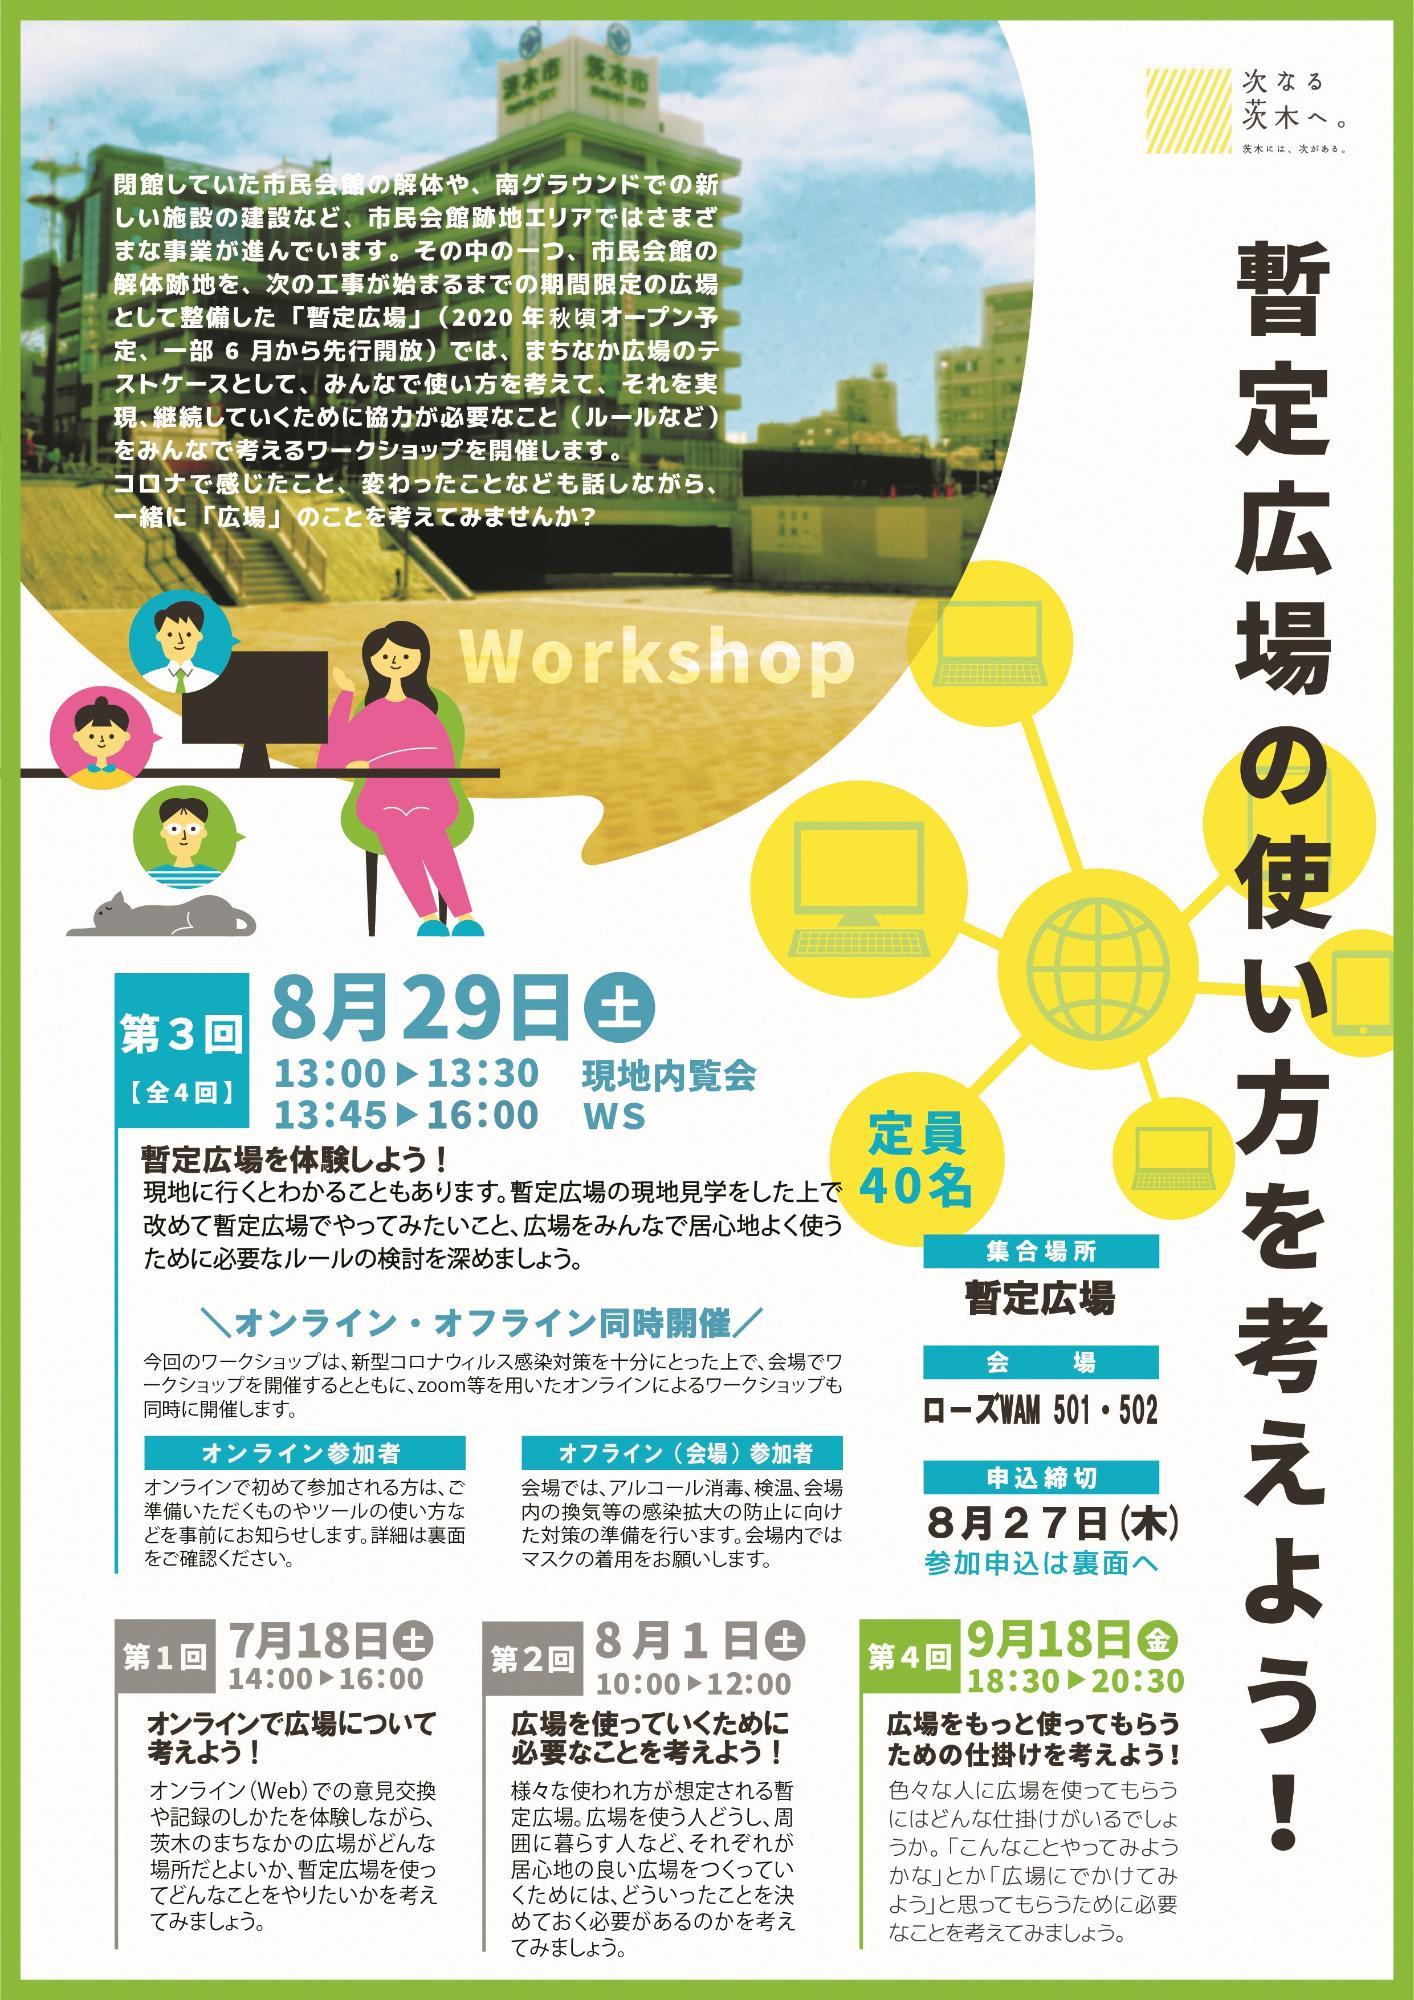 第三回】暫定広場の使い方を考えよう!オンラインワークショップ/茨木市